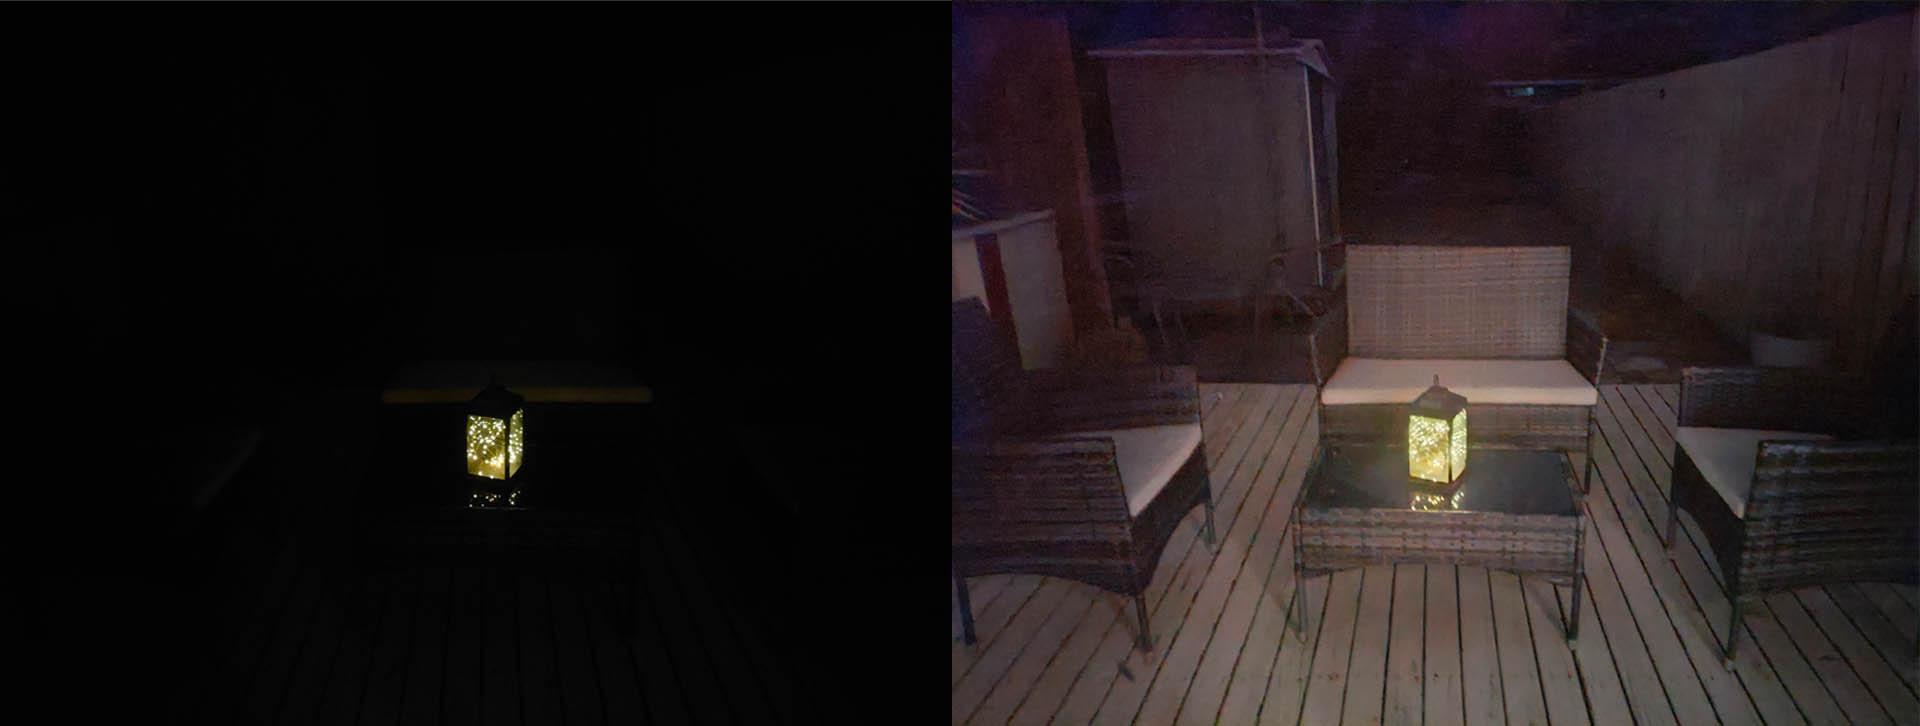 OPPO Find X3 Lite Night mode